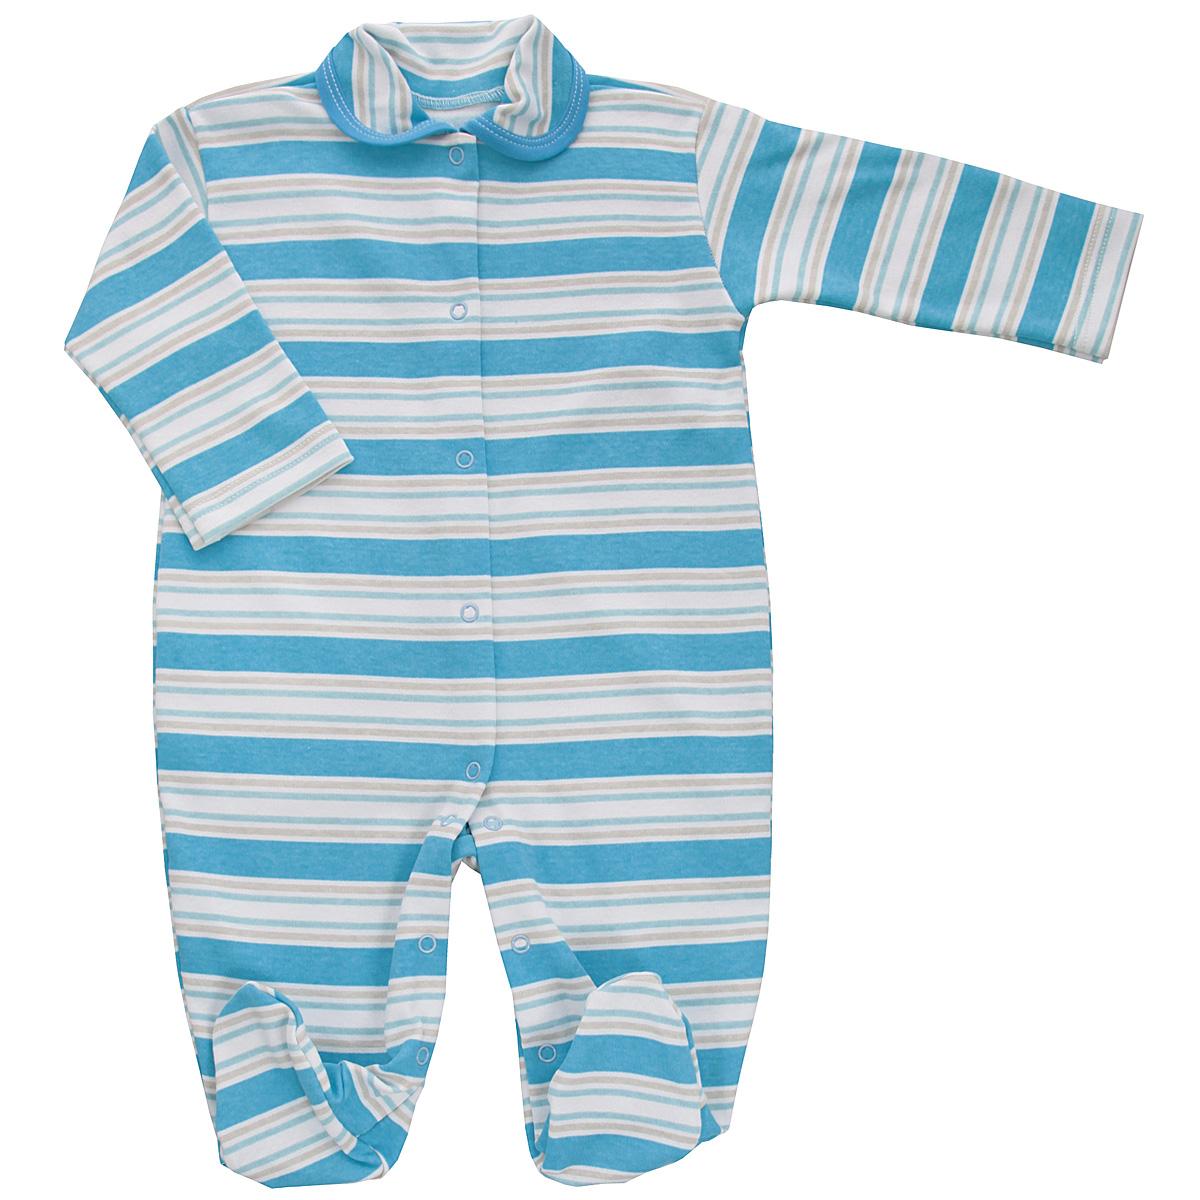 Комбинезон детский. 5815_полоска5815_полоскаДетский комбинезон Трон-Плюс - очень удобный и практичный вид одежды для малышей. Комбинезон выполнен из интерлока - натурального хлопка, благодаря чему он необычайно мягкий и приятный на ощупь, не раздражает нежную кожу ребенка, и хорошо вентилируются, а эластичные швы приятны телу младенца и не препятствуют его движениям. Комбинезон с длинными рукавами, закрытыми ножками и отложным воротничком имеет застежки-кнопки от горловины до щиколоток, которые помогают легко переодеть ребенка или сменить подгузник. Воротник по краю дополнен контрастной бейкой. Оформлено изделие принтом в полоску. С детским комбинезоном спинка и ножки вашего крохи всегда будут в тепле, он идеален для использования днем и незаменим ночью. Комбинезон полностью соответствует особенностям жизни младенца в ранний период, не стесняя и не ограничивая его в движениях!